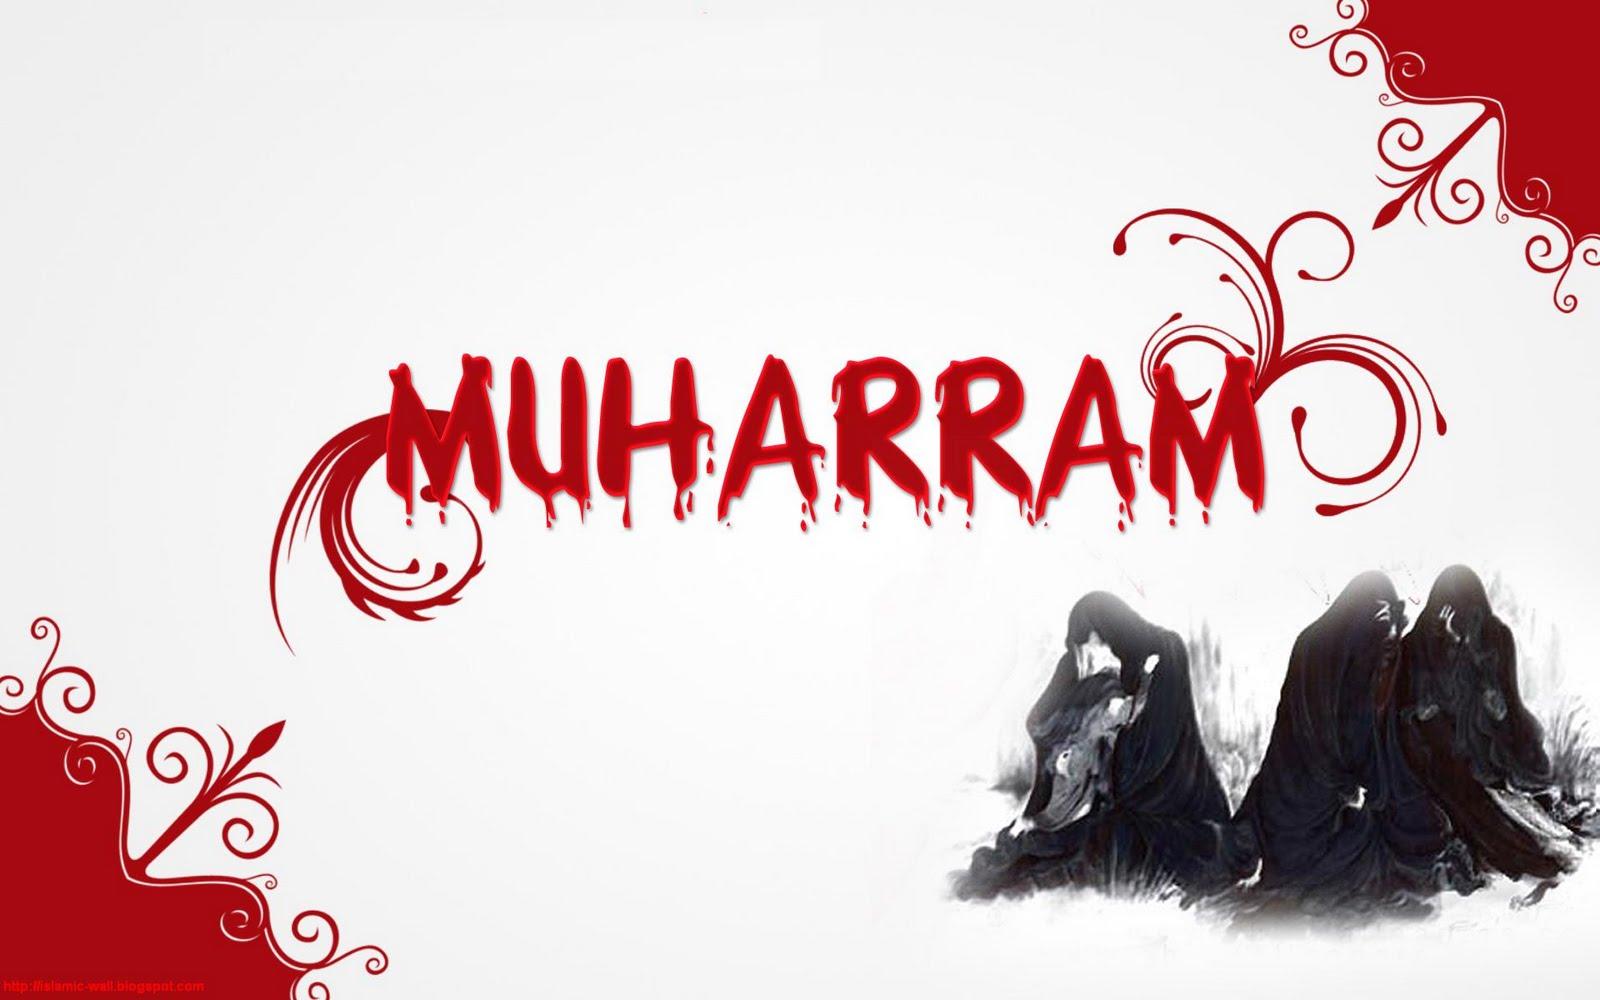 http://3.bp.blogspot.com/_IfAGlQAQNCY/TRTxEoGOSOI/AAAAAAAAClc/3Bg4_Z2SI84/s1600/muharram-wallpapers.jpg